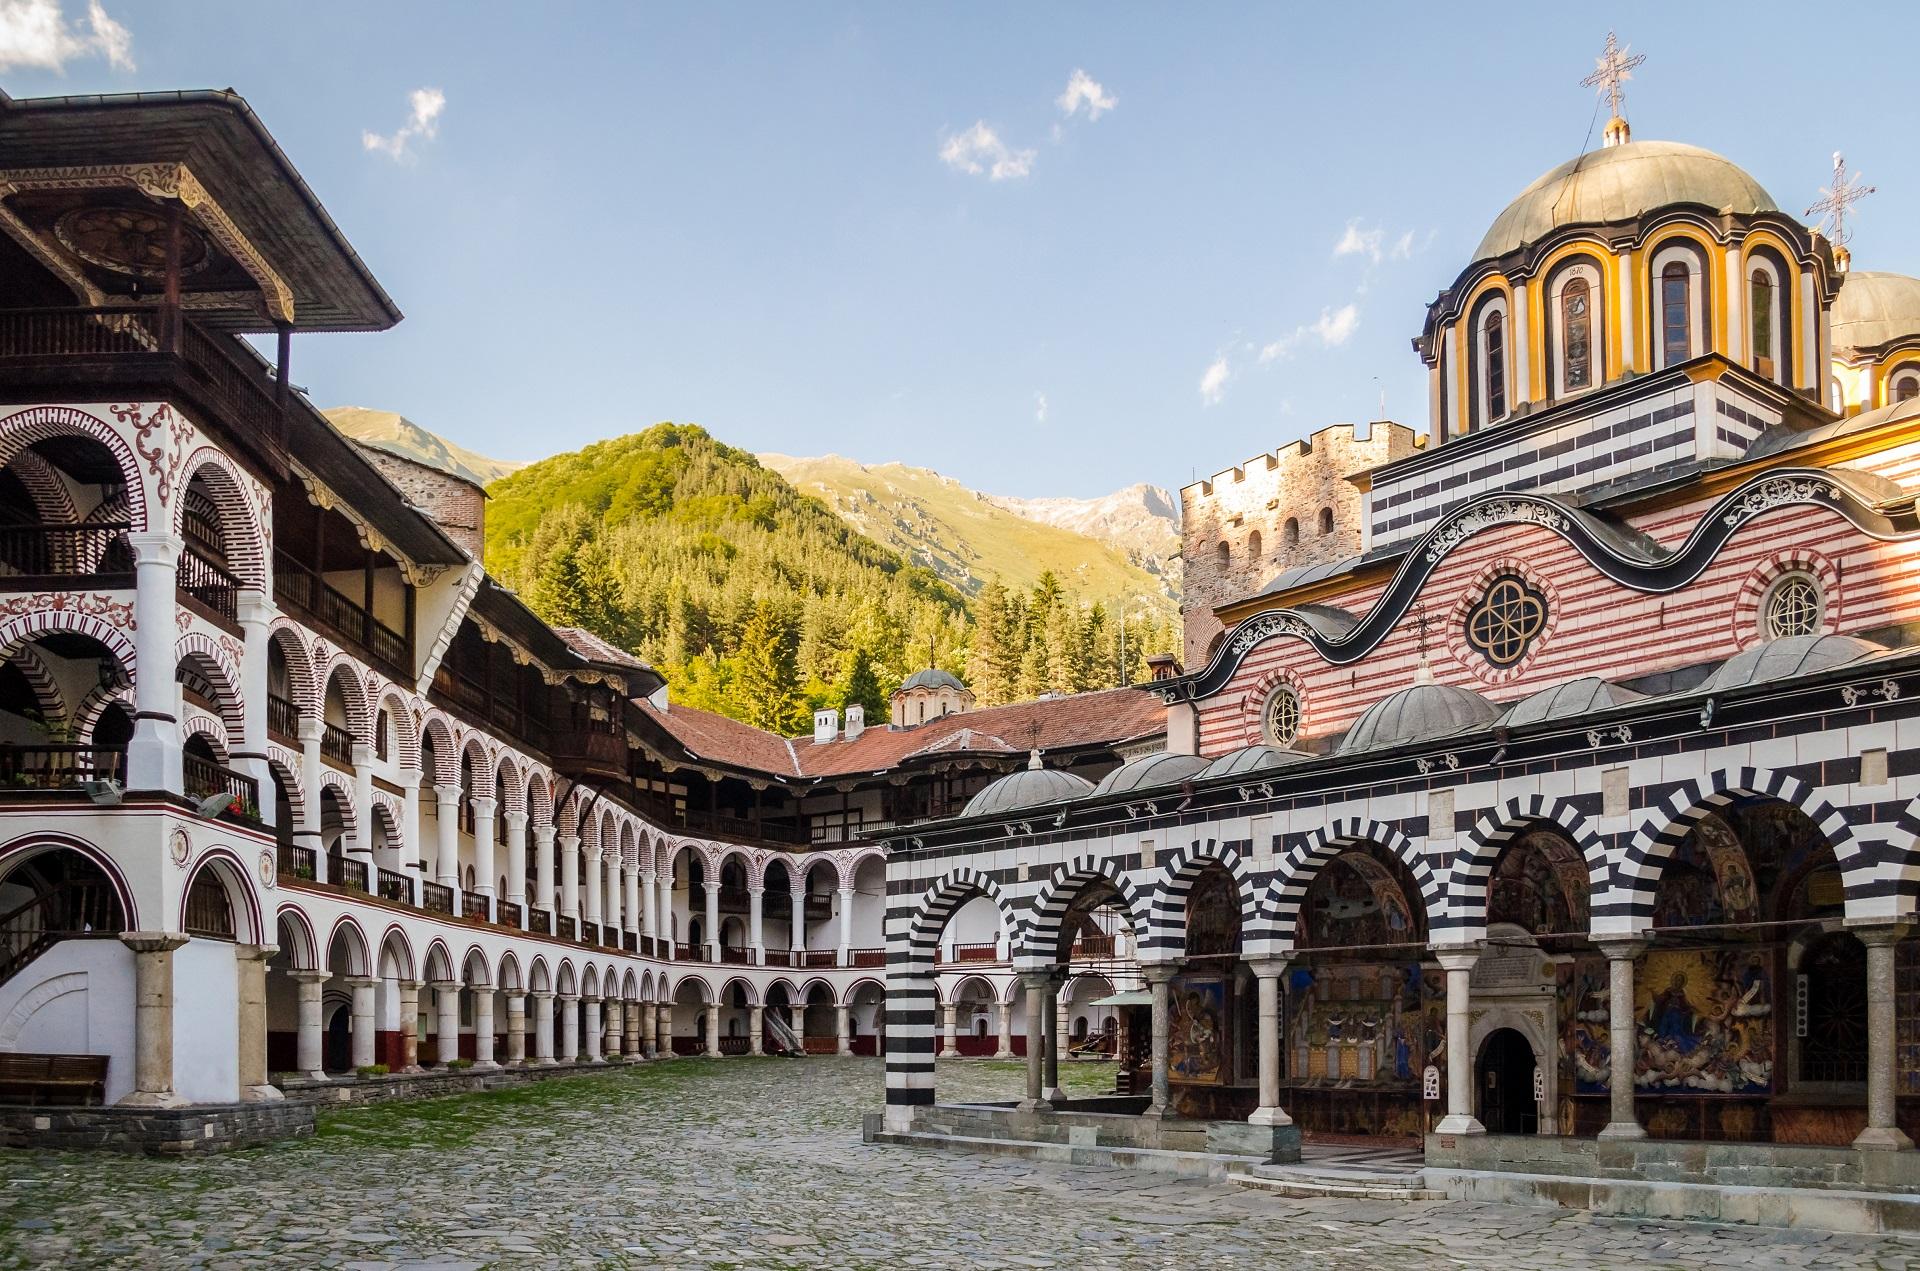 Das Rila Kloster zählt zu den schönsten Bulgarien Sehenswürdigkeiten